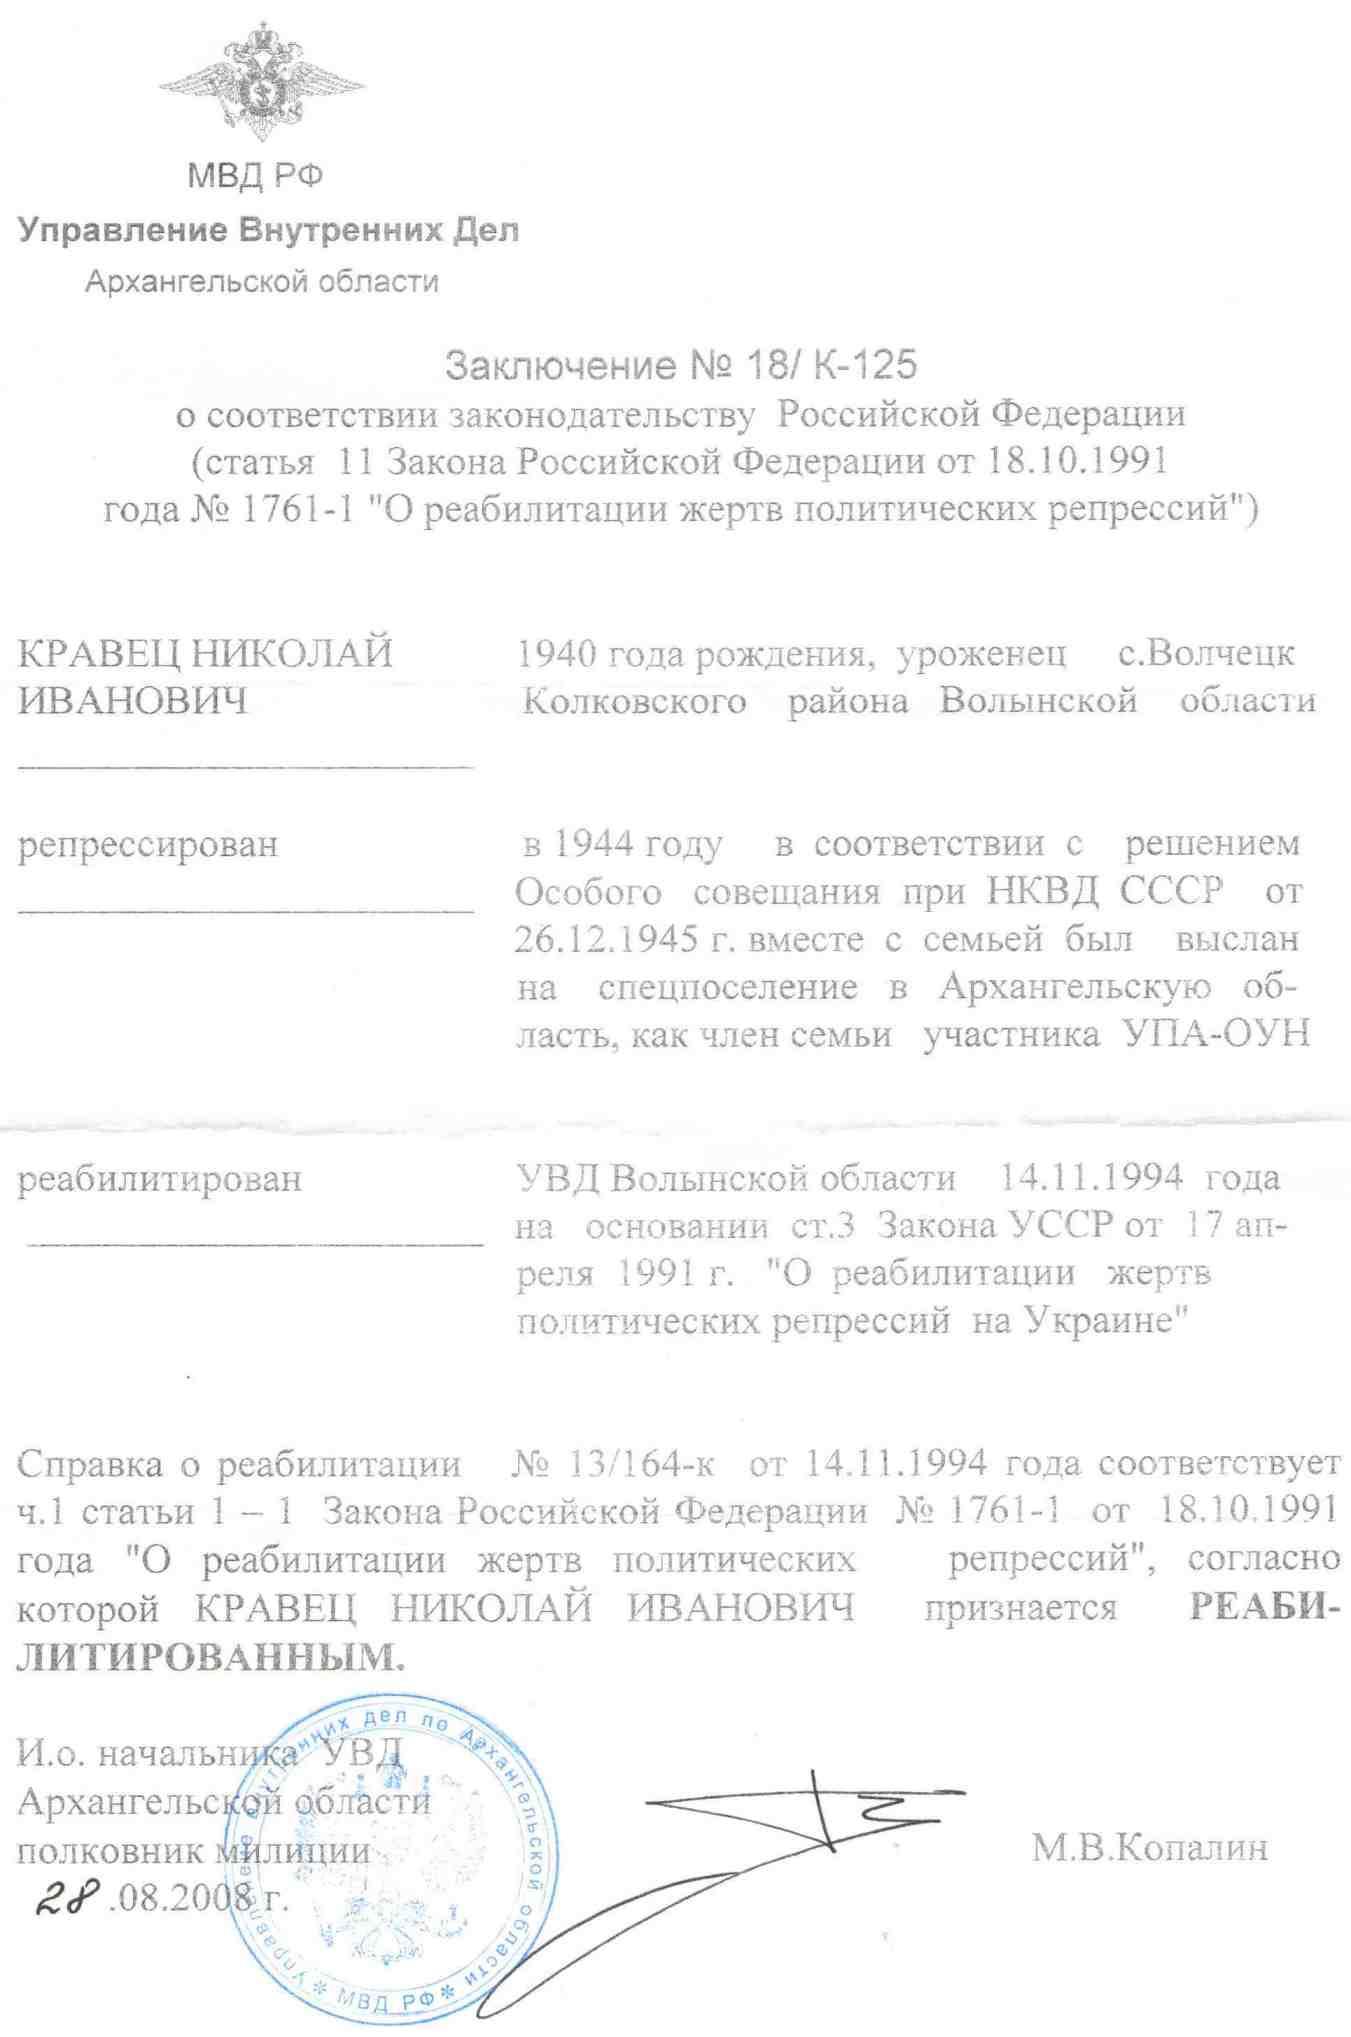 2008.08.28. Заключение УВД по Архангельской области на Решение о реабилитации. Кравец Н.И.